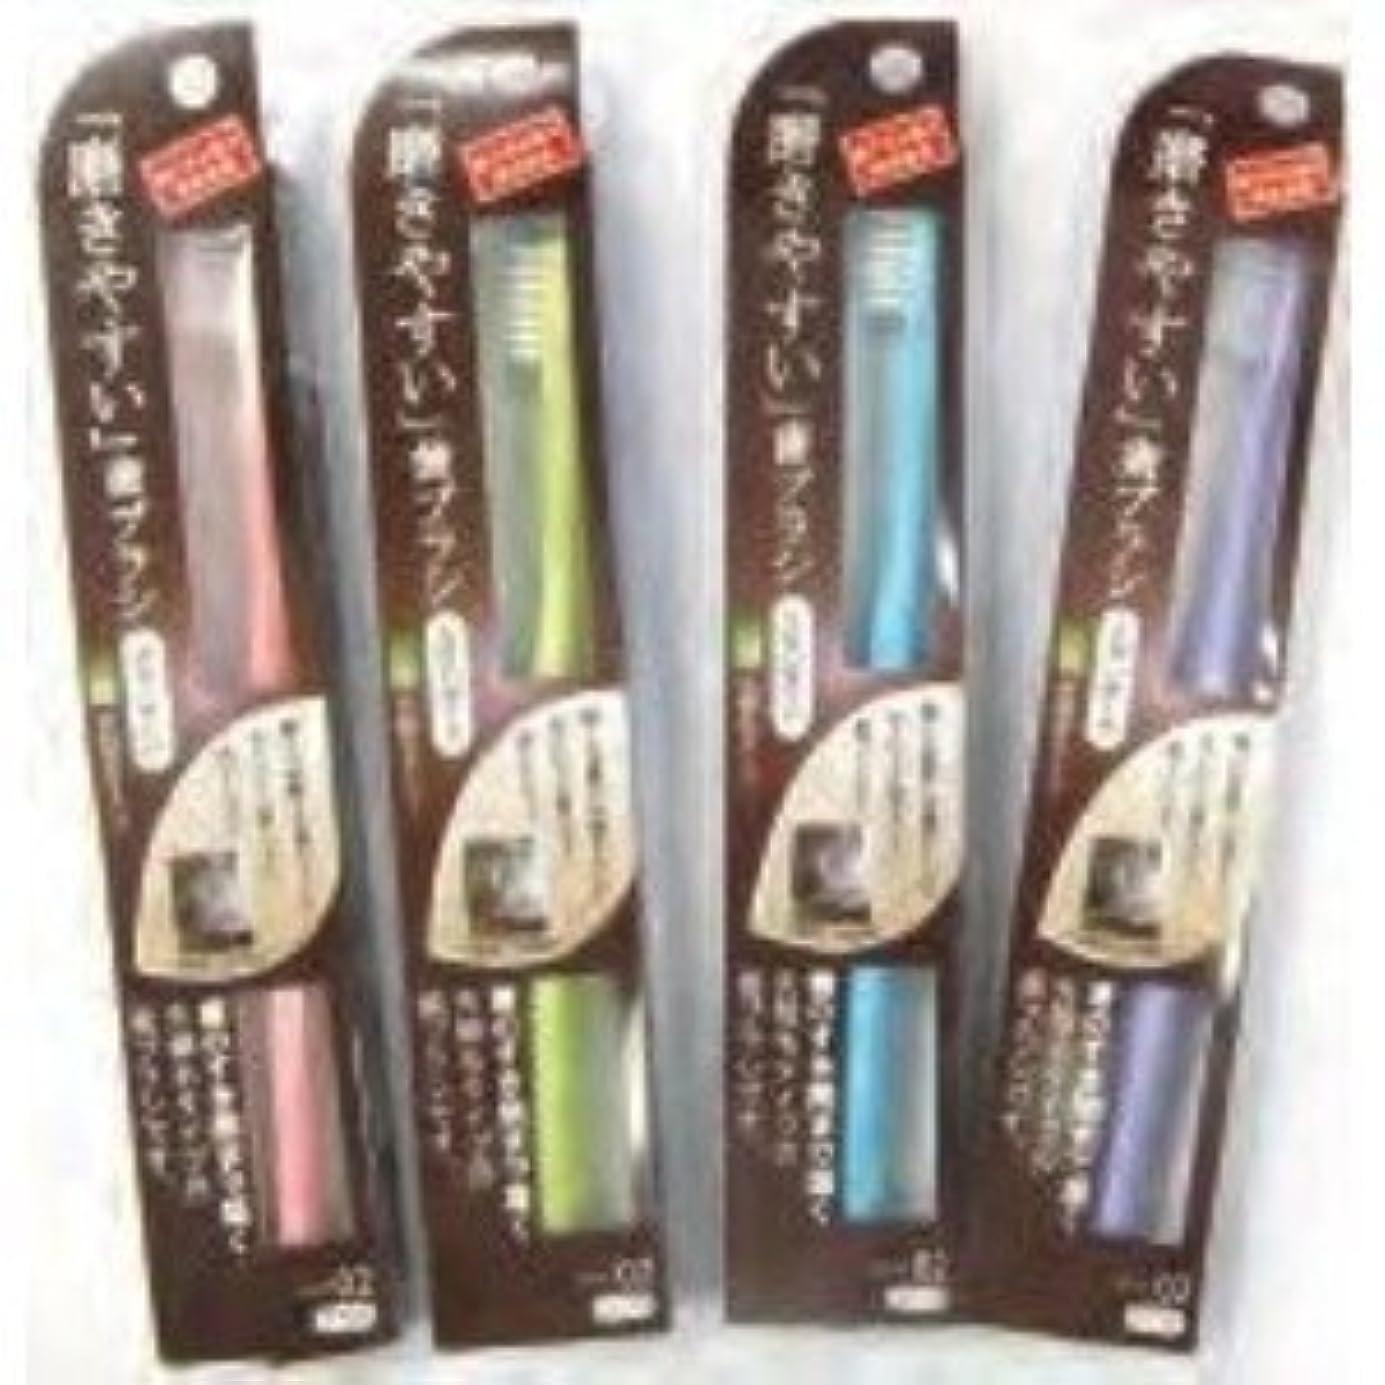 お嬢ピン共和国「磨きやすい」歯ブラシ(毛先が細い) 色アソート【12個セット】 LT-02